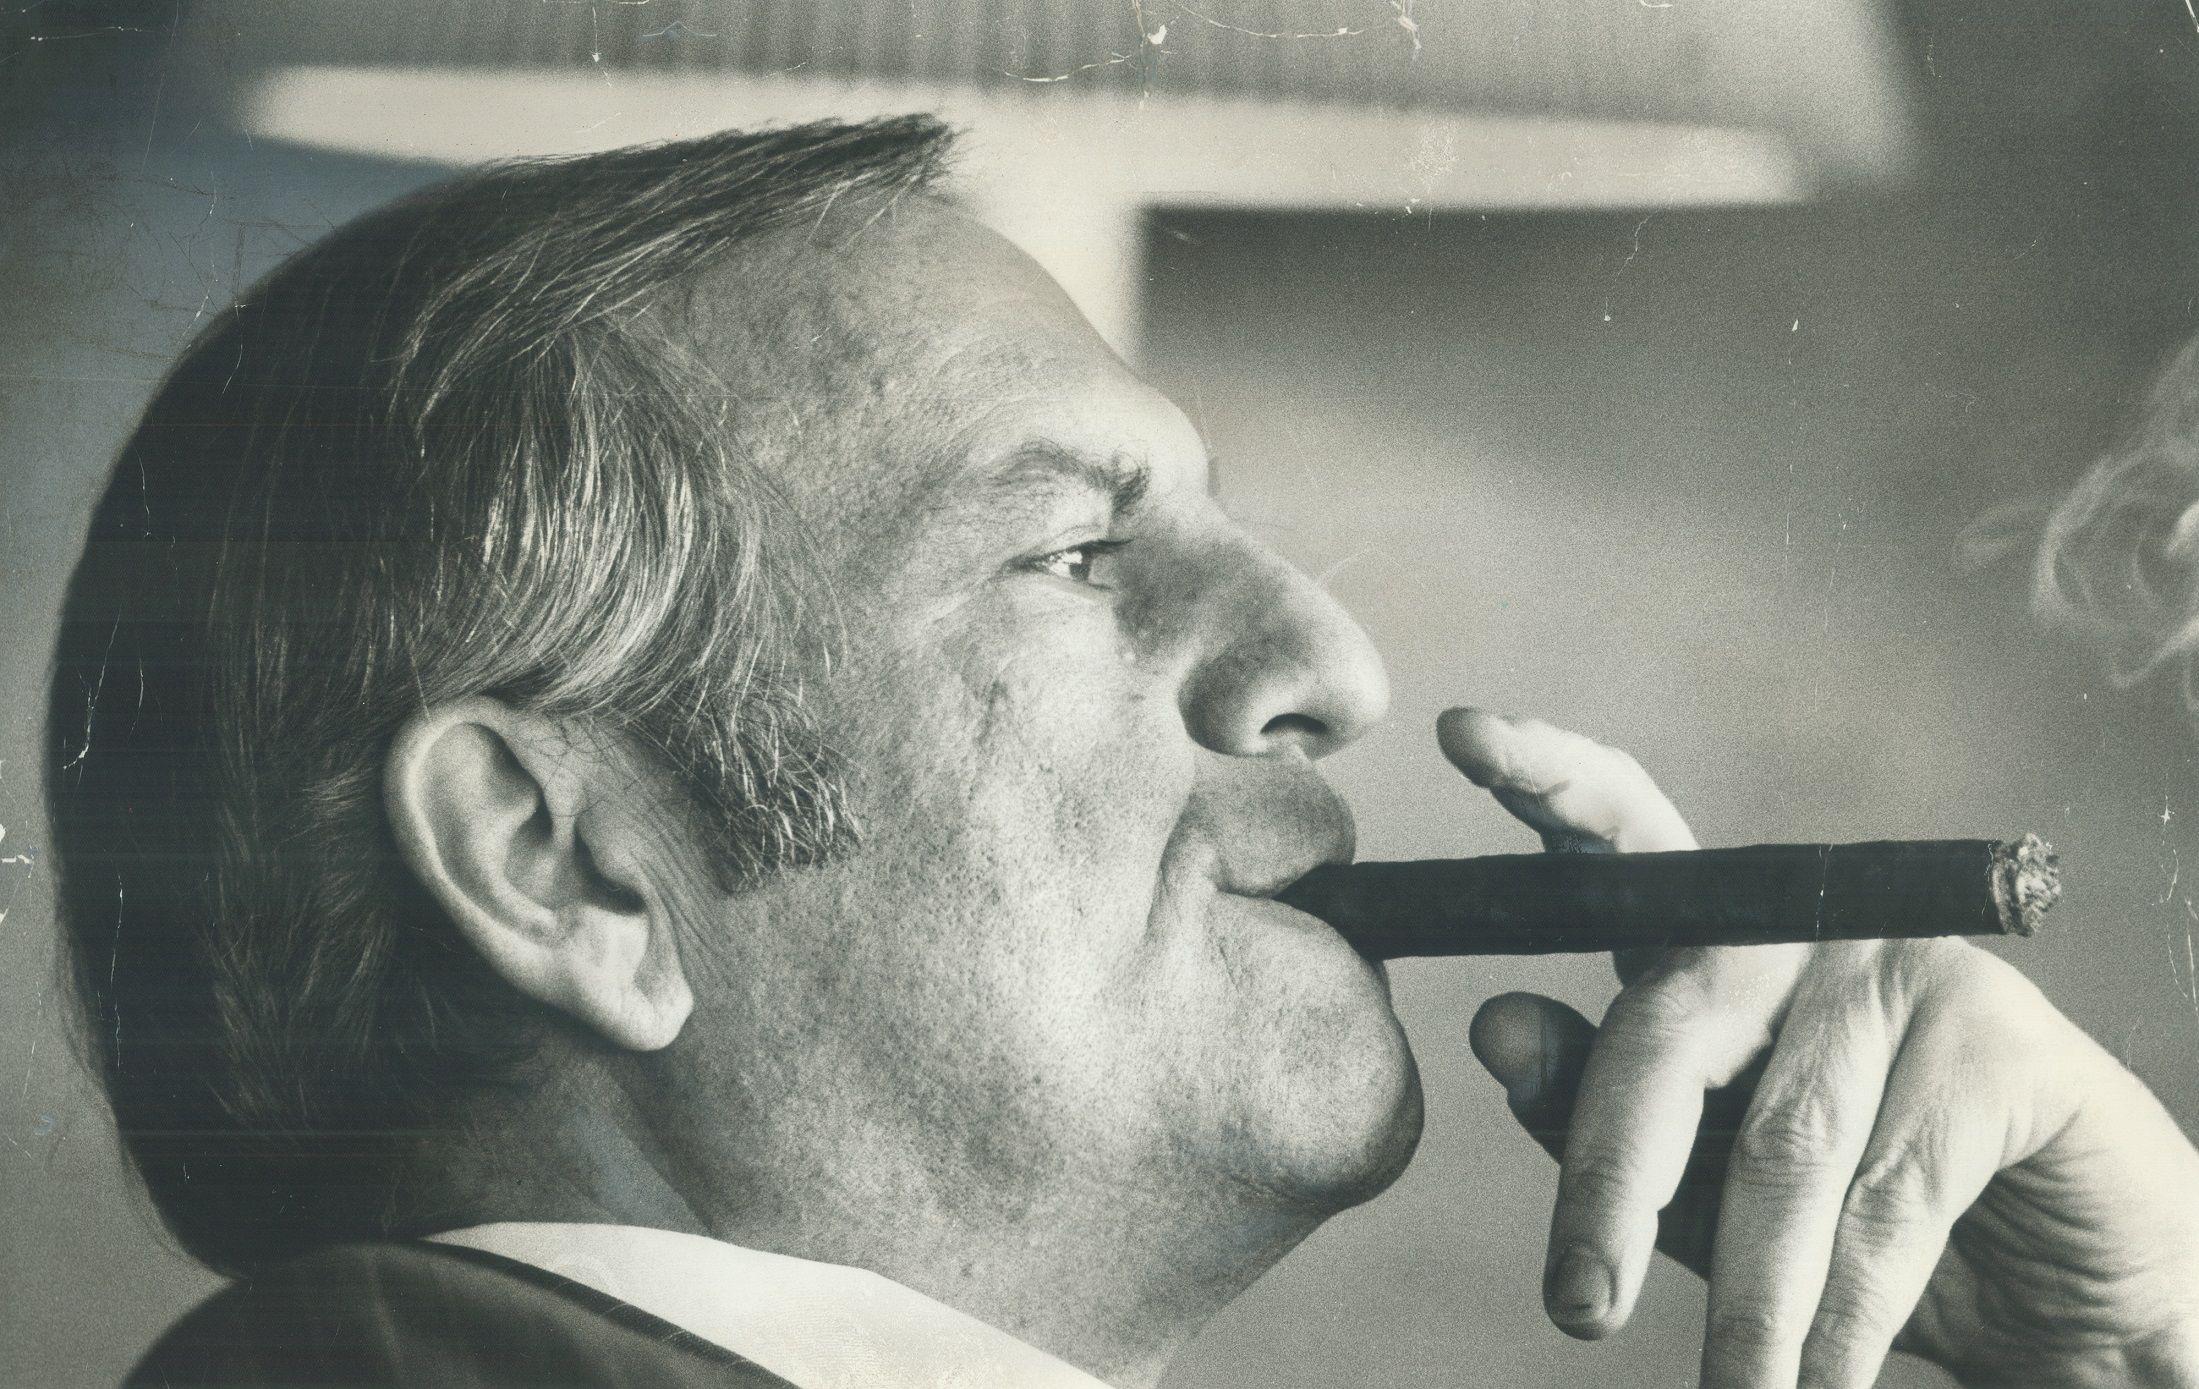 Lee Iacocca, il Marchionne americano che fece arrabbiare Ford